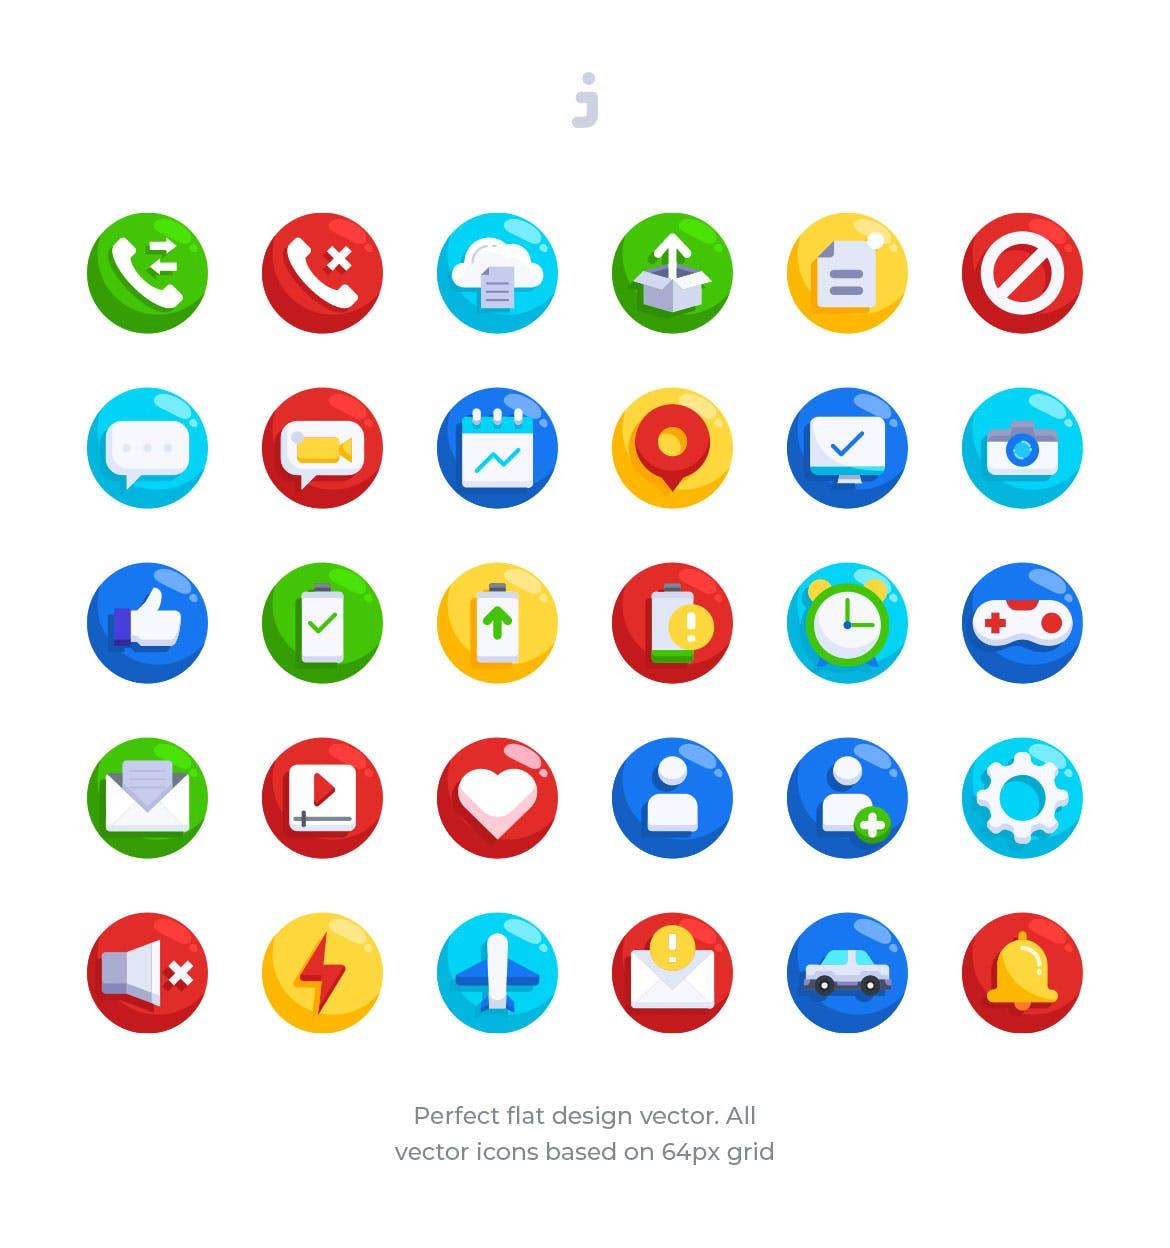 30个通知类型图标素材源文件下载30 Notifications Icons Flat插图(1)